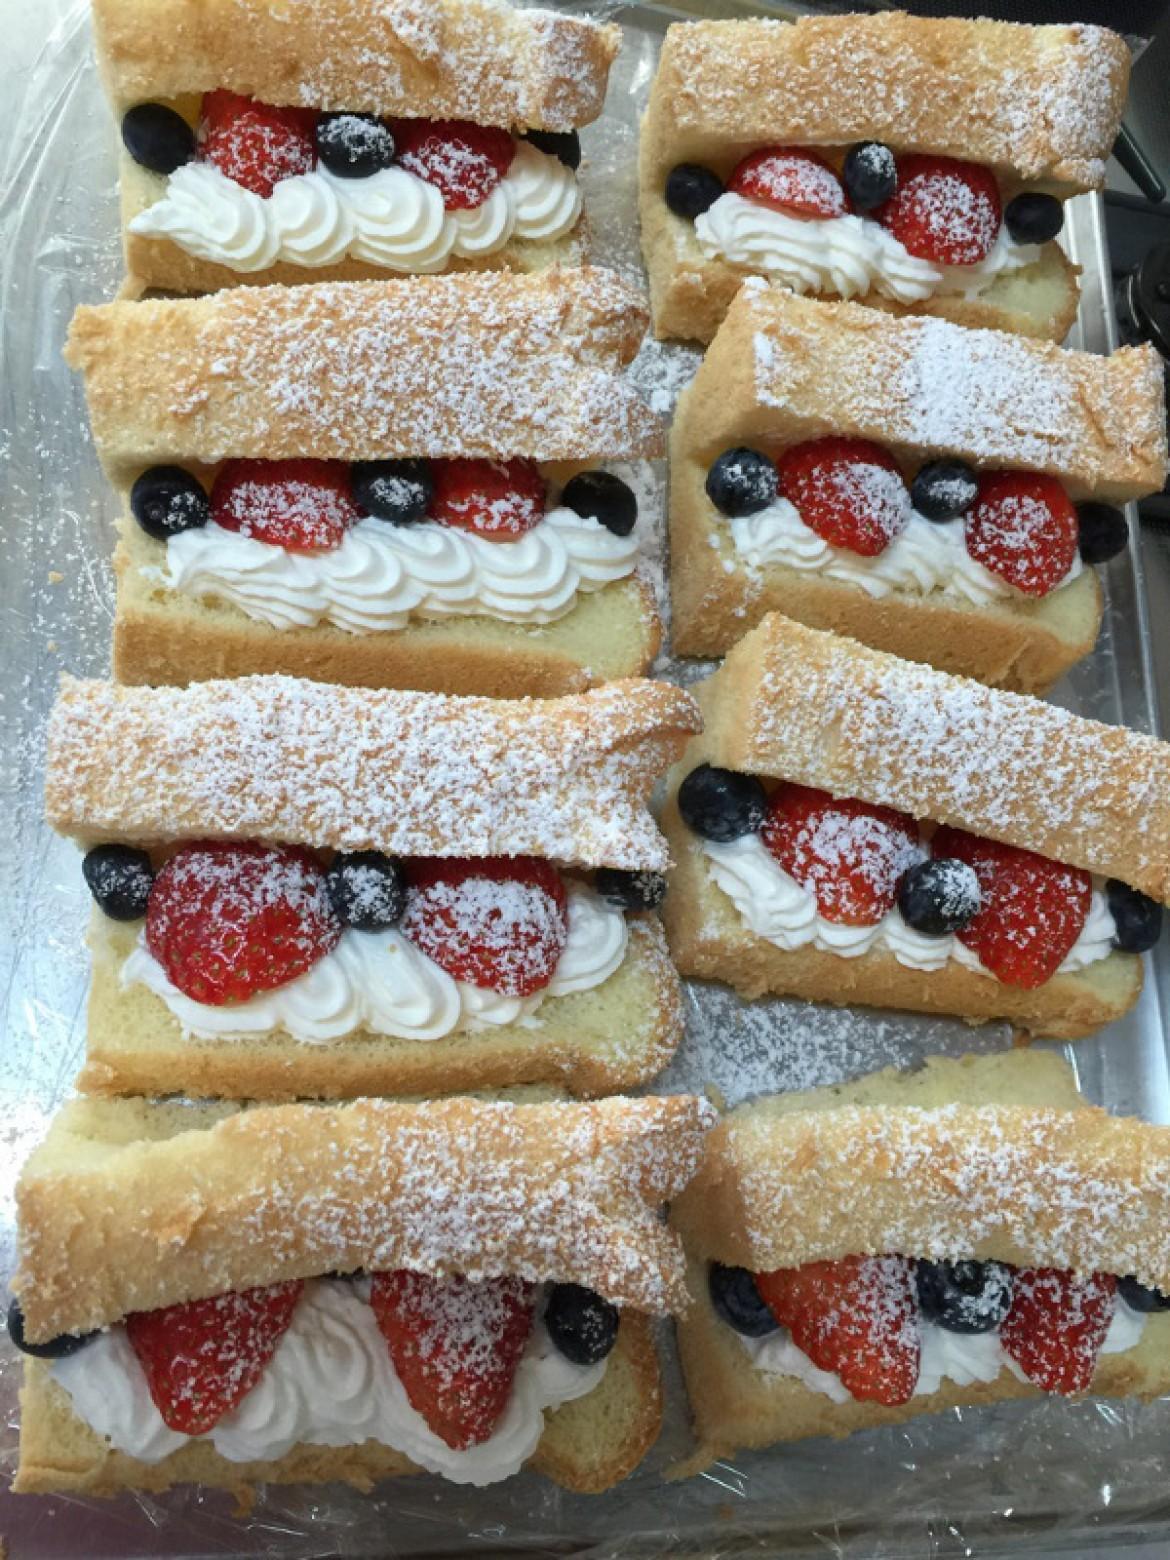 シフォンケーキ教室ご参加の方から、シフォンケーキのお写真お送り頂きました♪